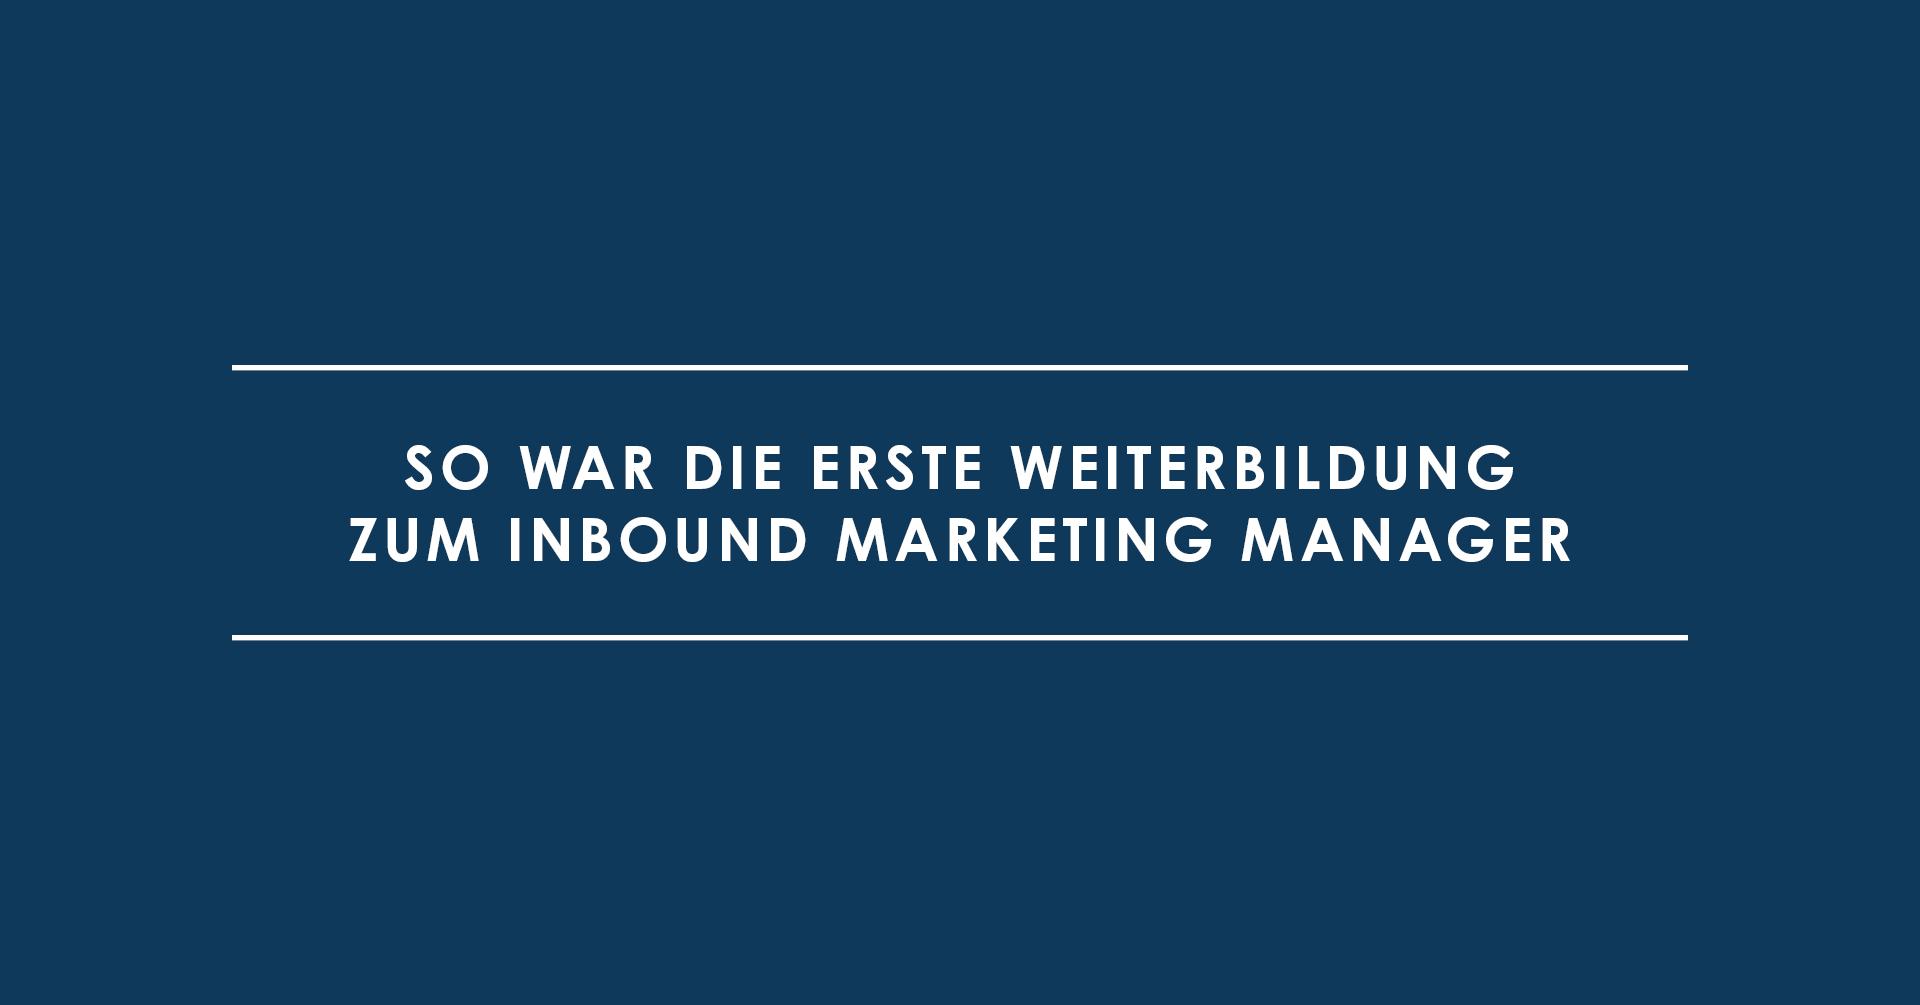 So war die erste Weiterbildung zum Inbound Marketing Manager